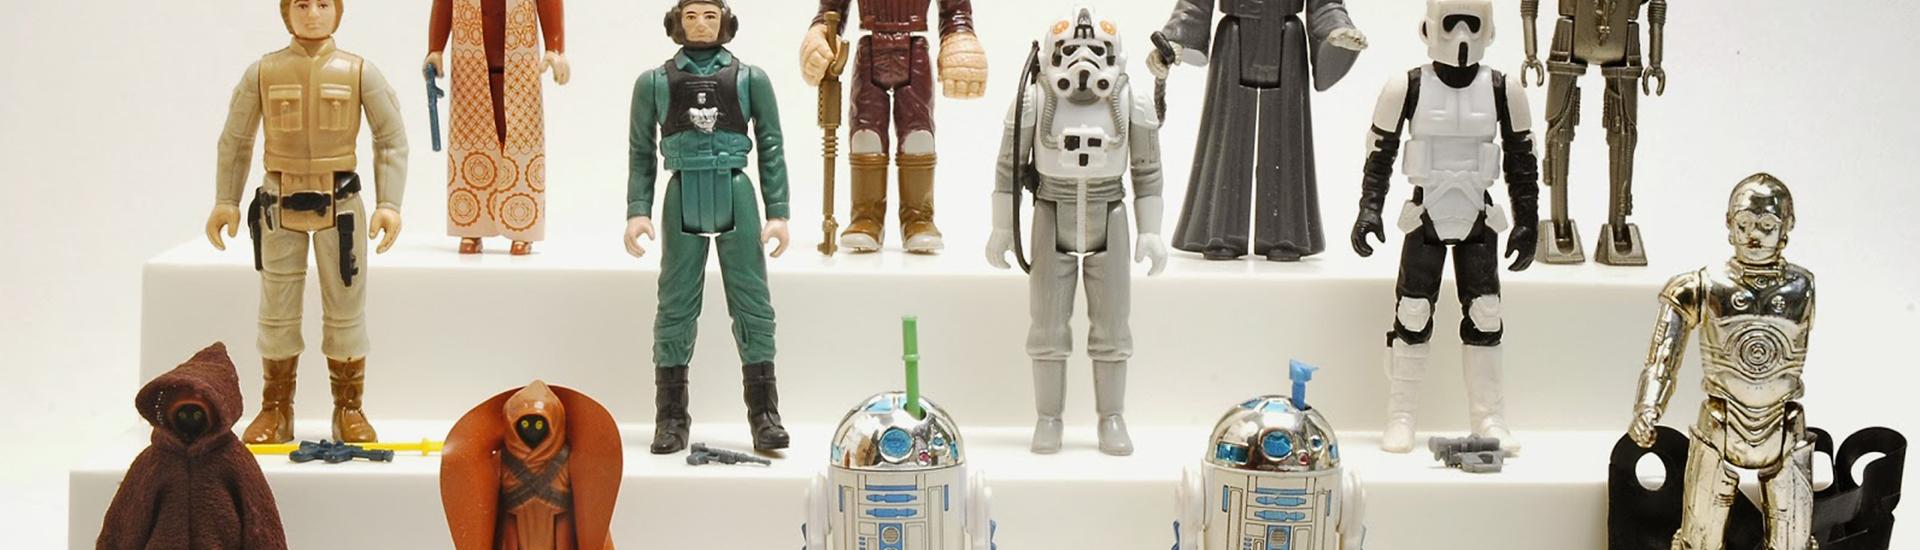 Star Wars Koleksiyon Ürünleri